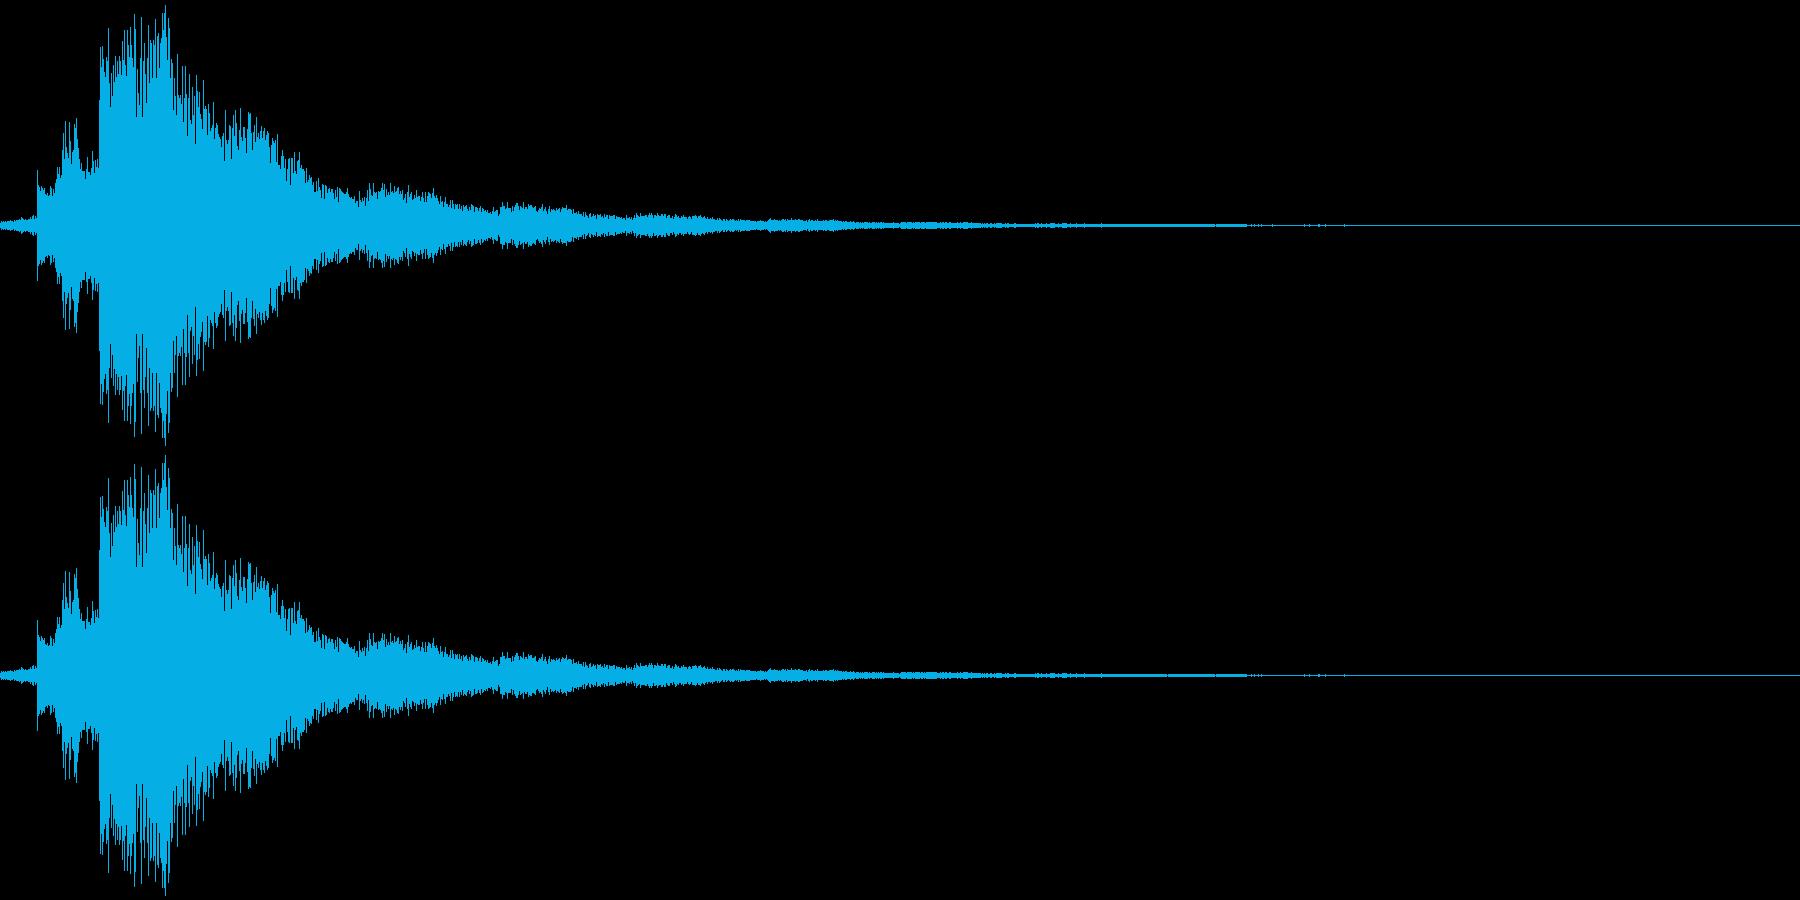 場面切り替え(シンバル+チャイム)の再生済みの波形